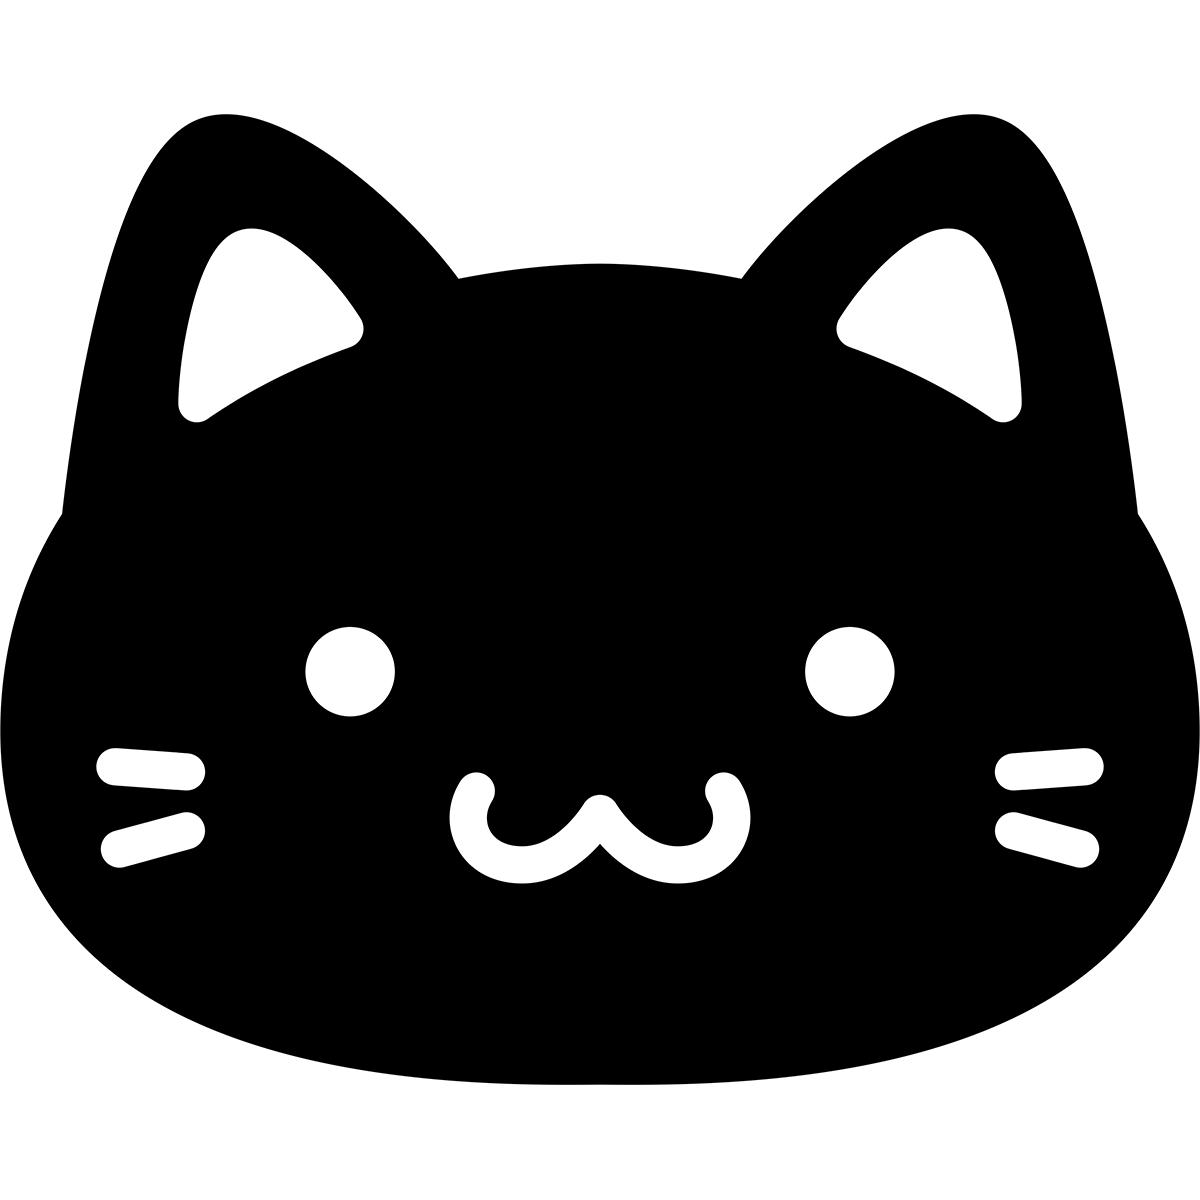 【アイコン】黒猫の無料イラスト